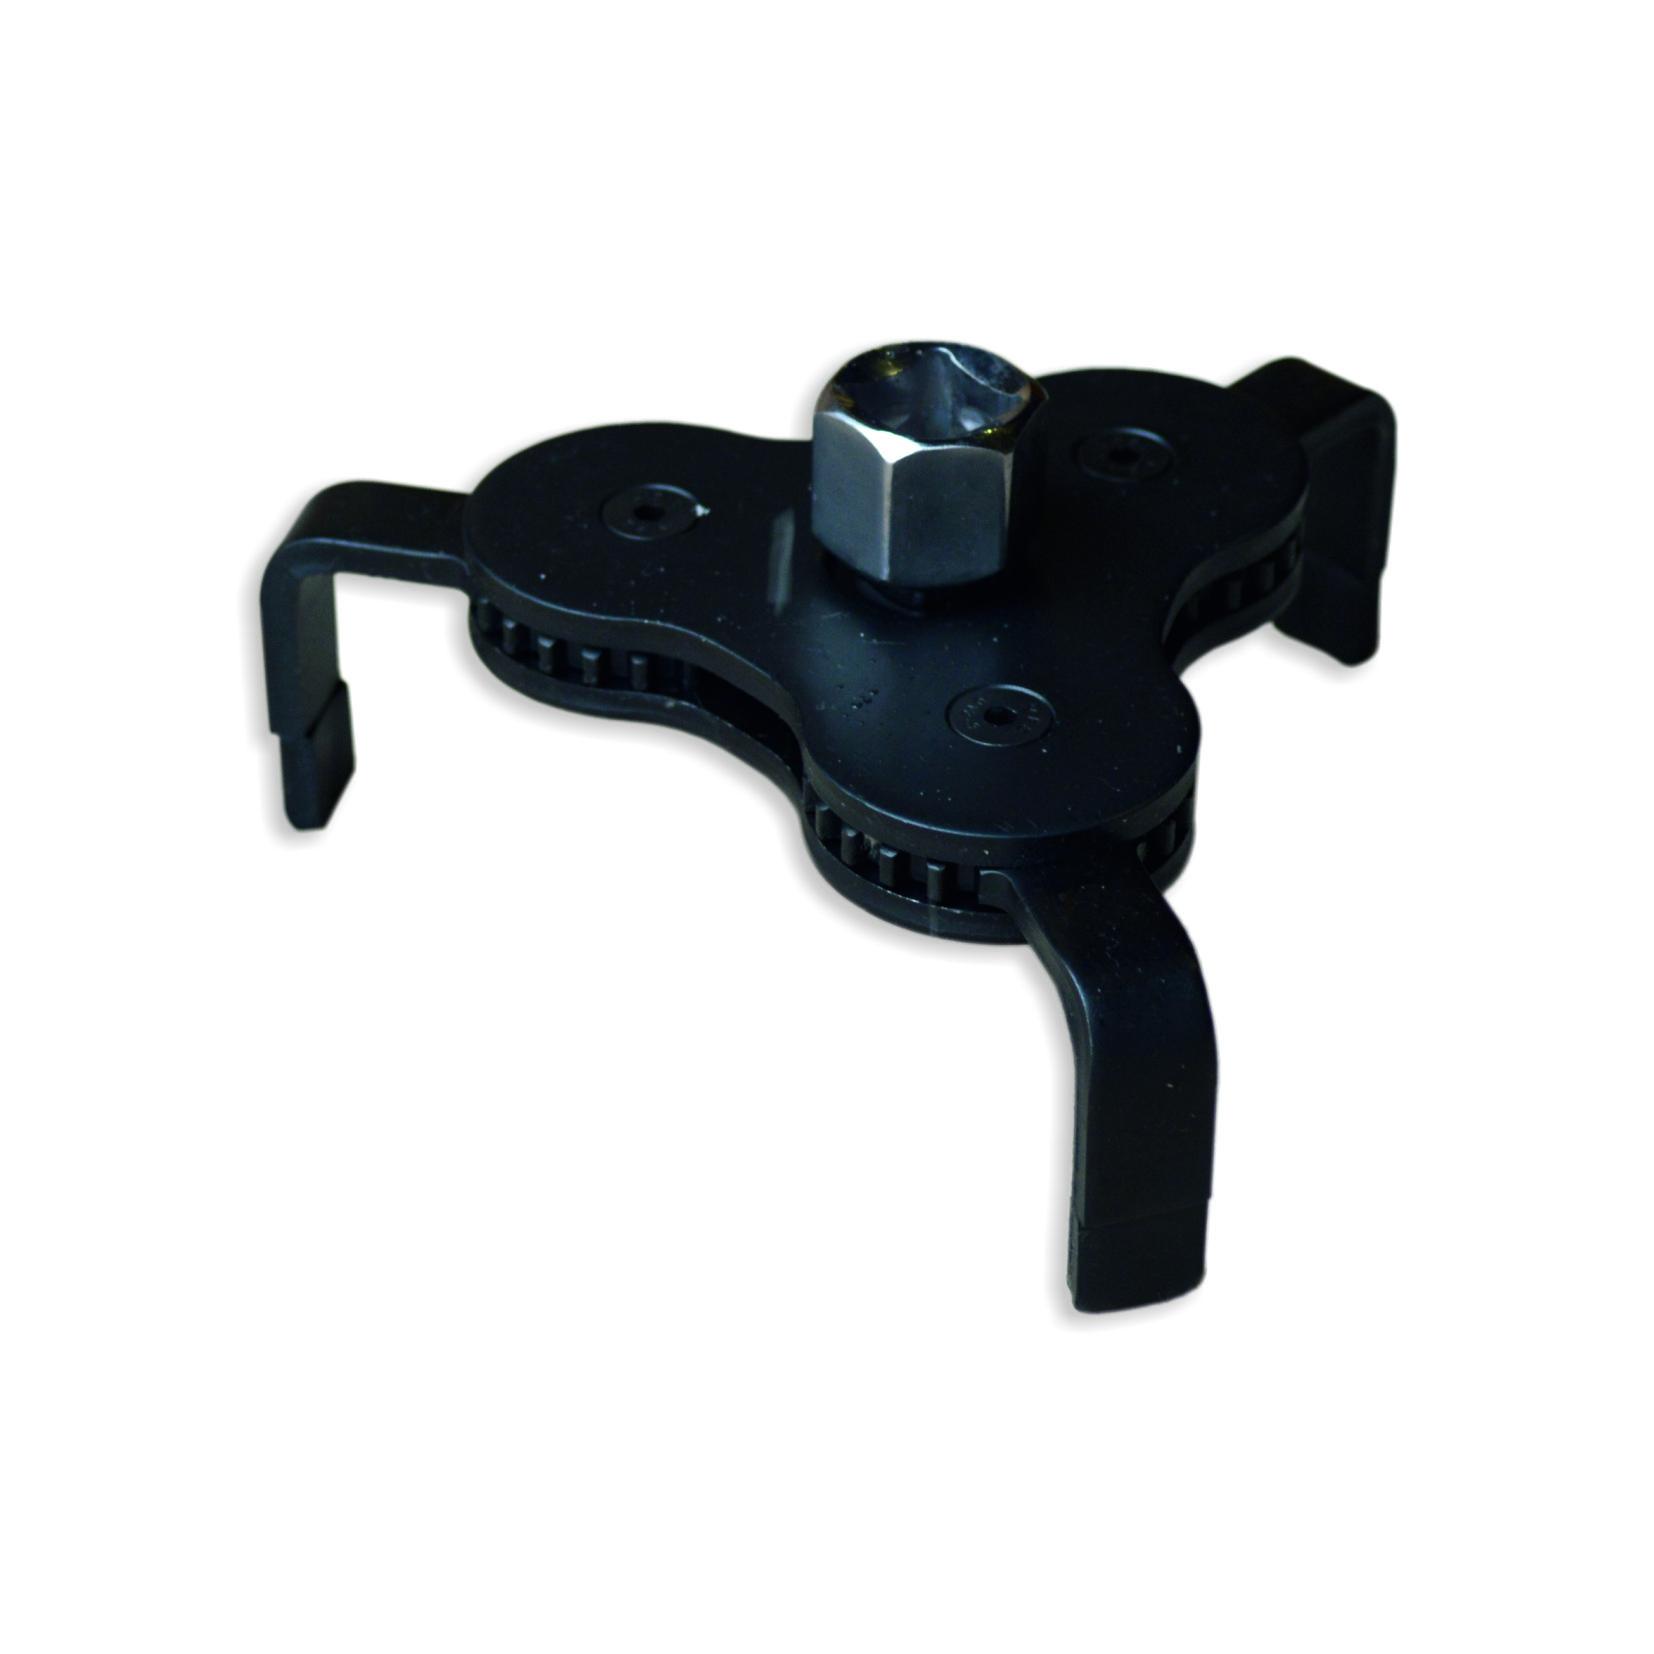 Съемник для масляных фильтров Wiederkraft Wdk-65207